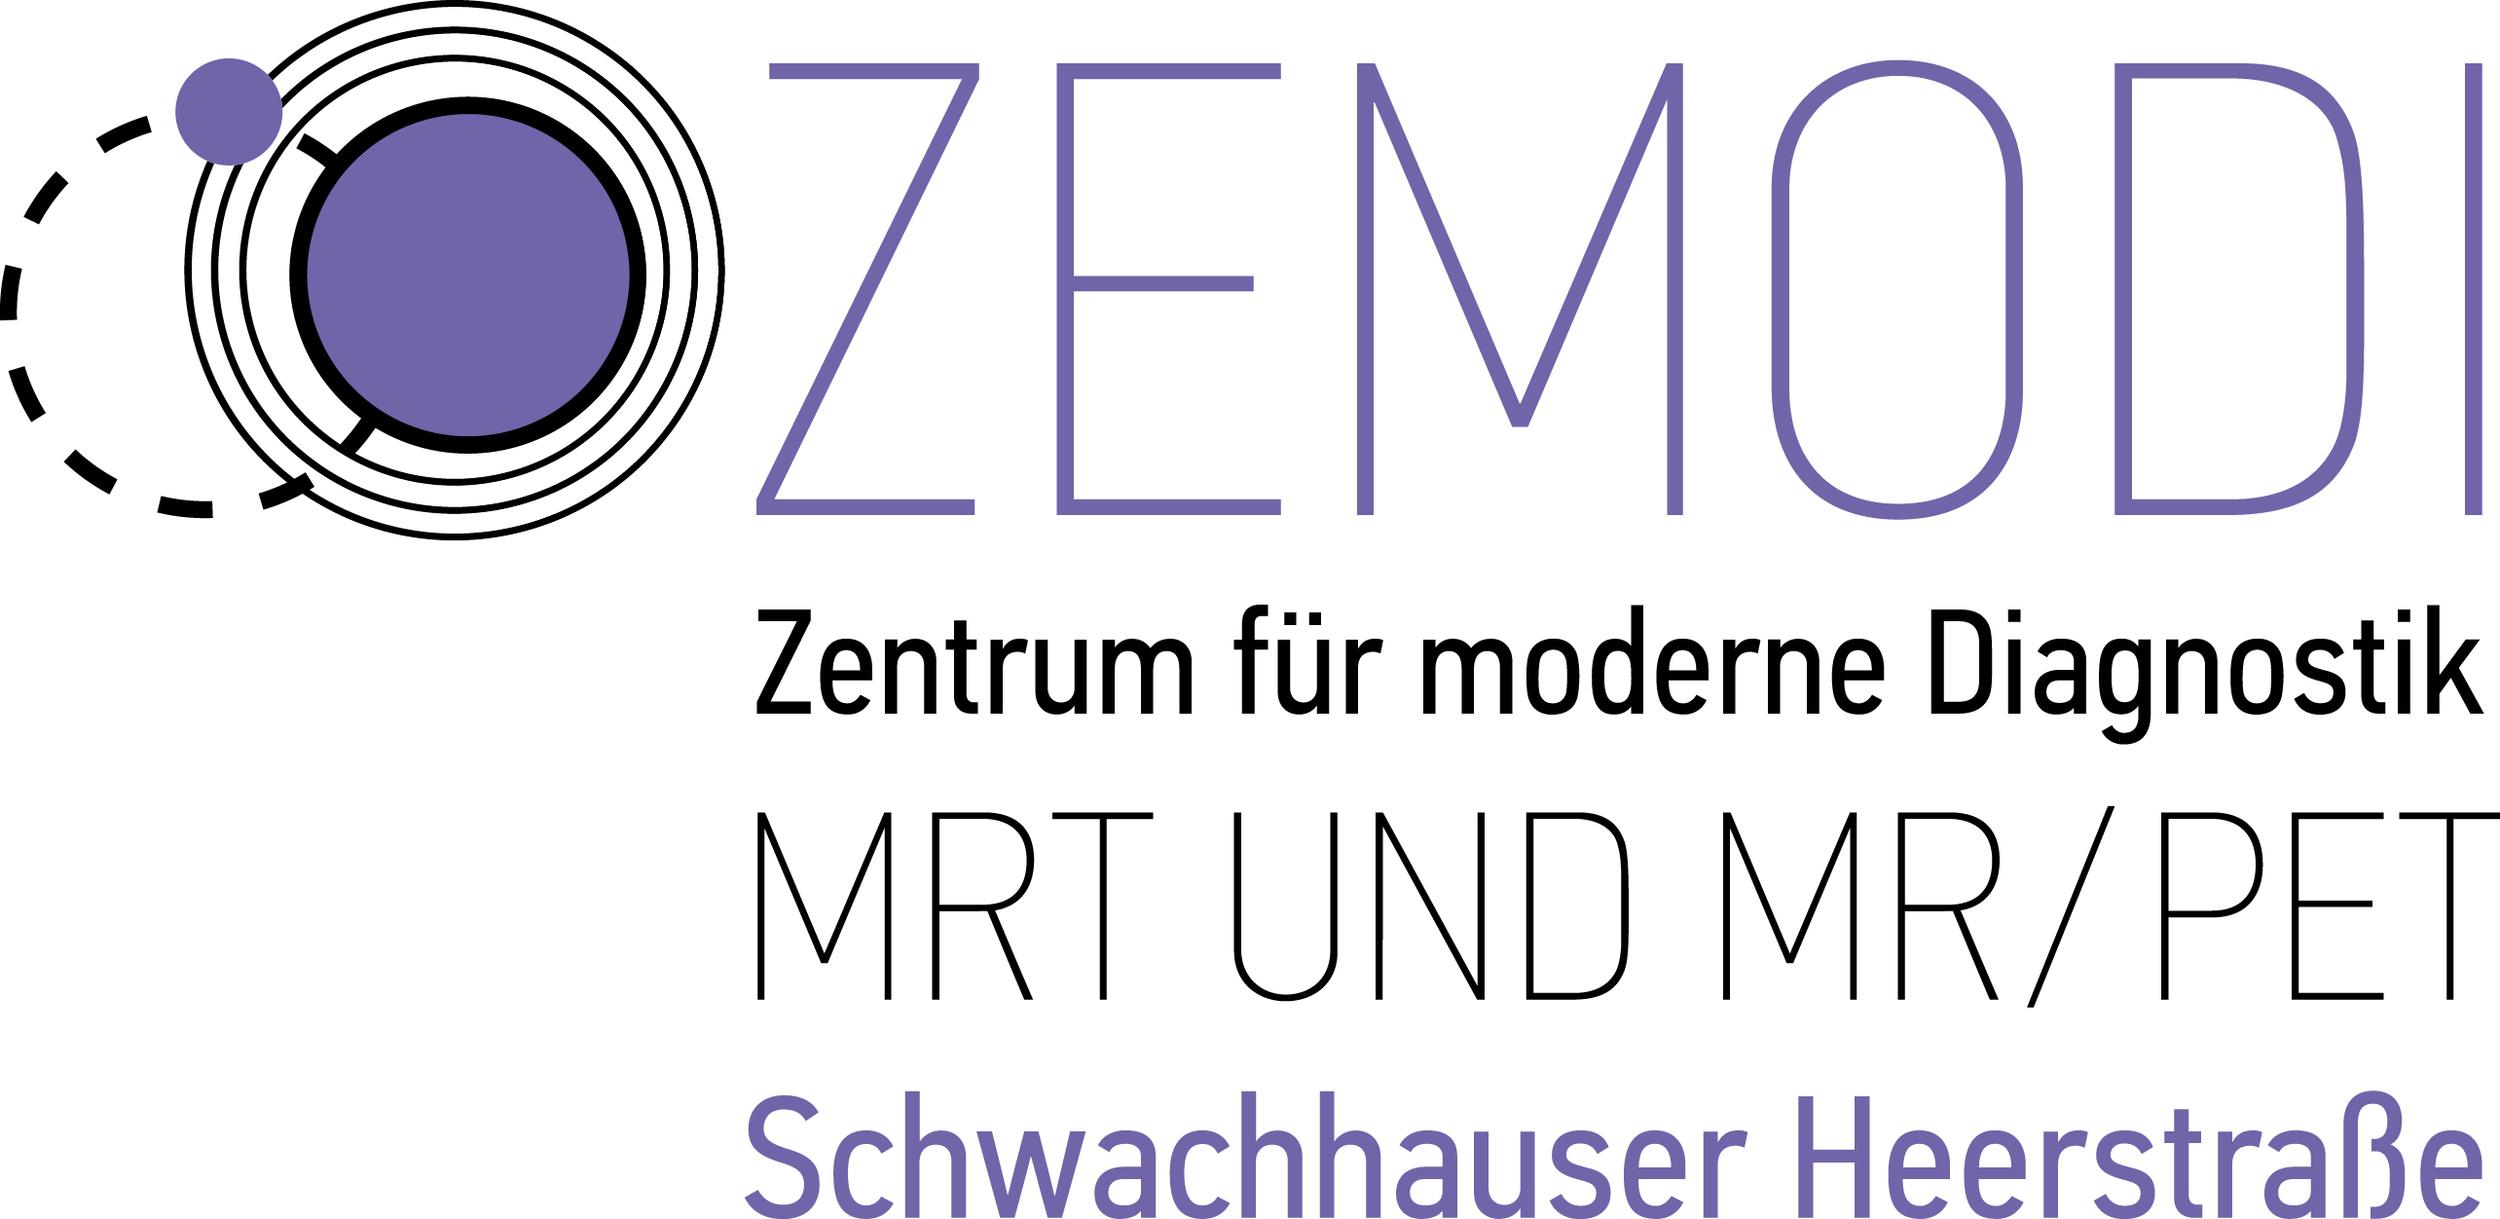 1_ZEMODI_MRT_MR_PET_P2665C_15cm.jpg